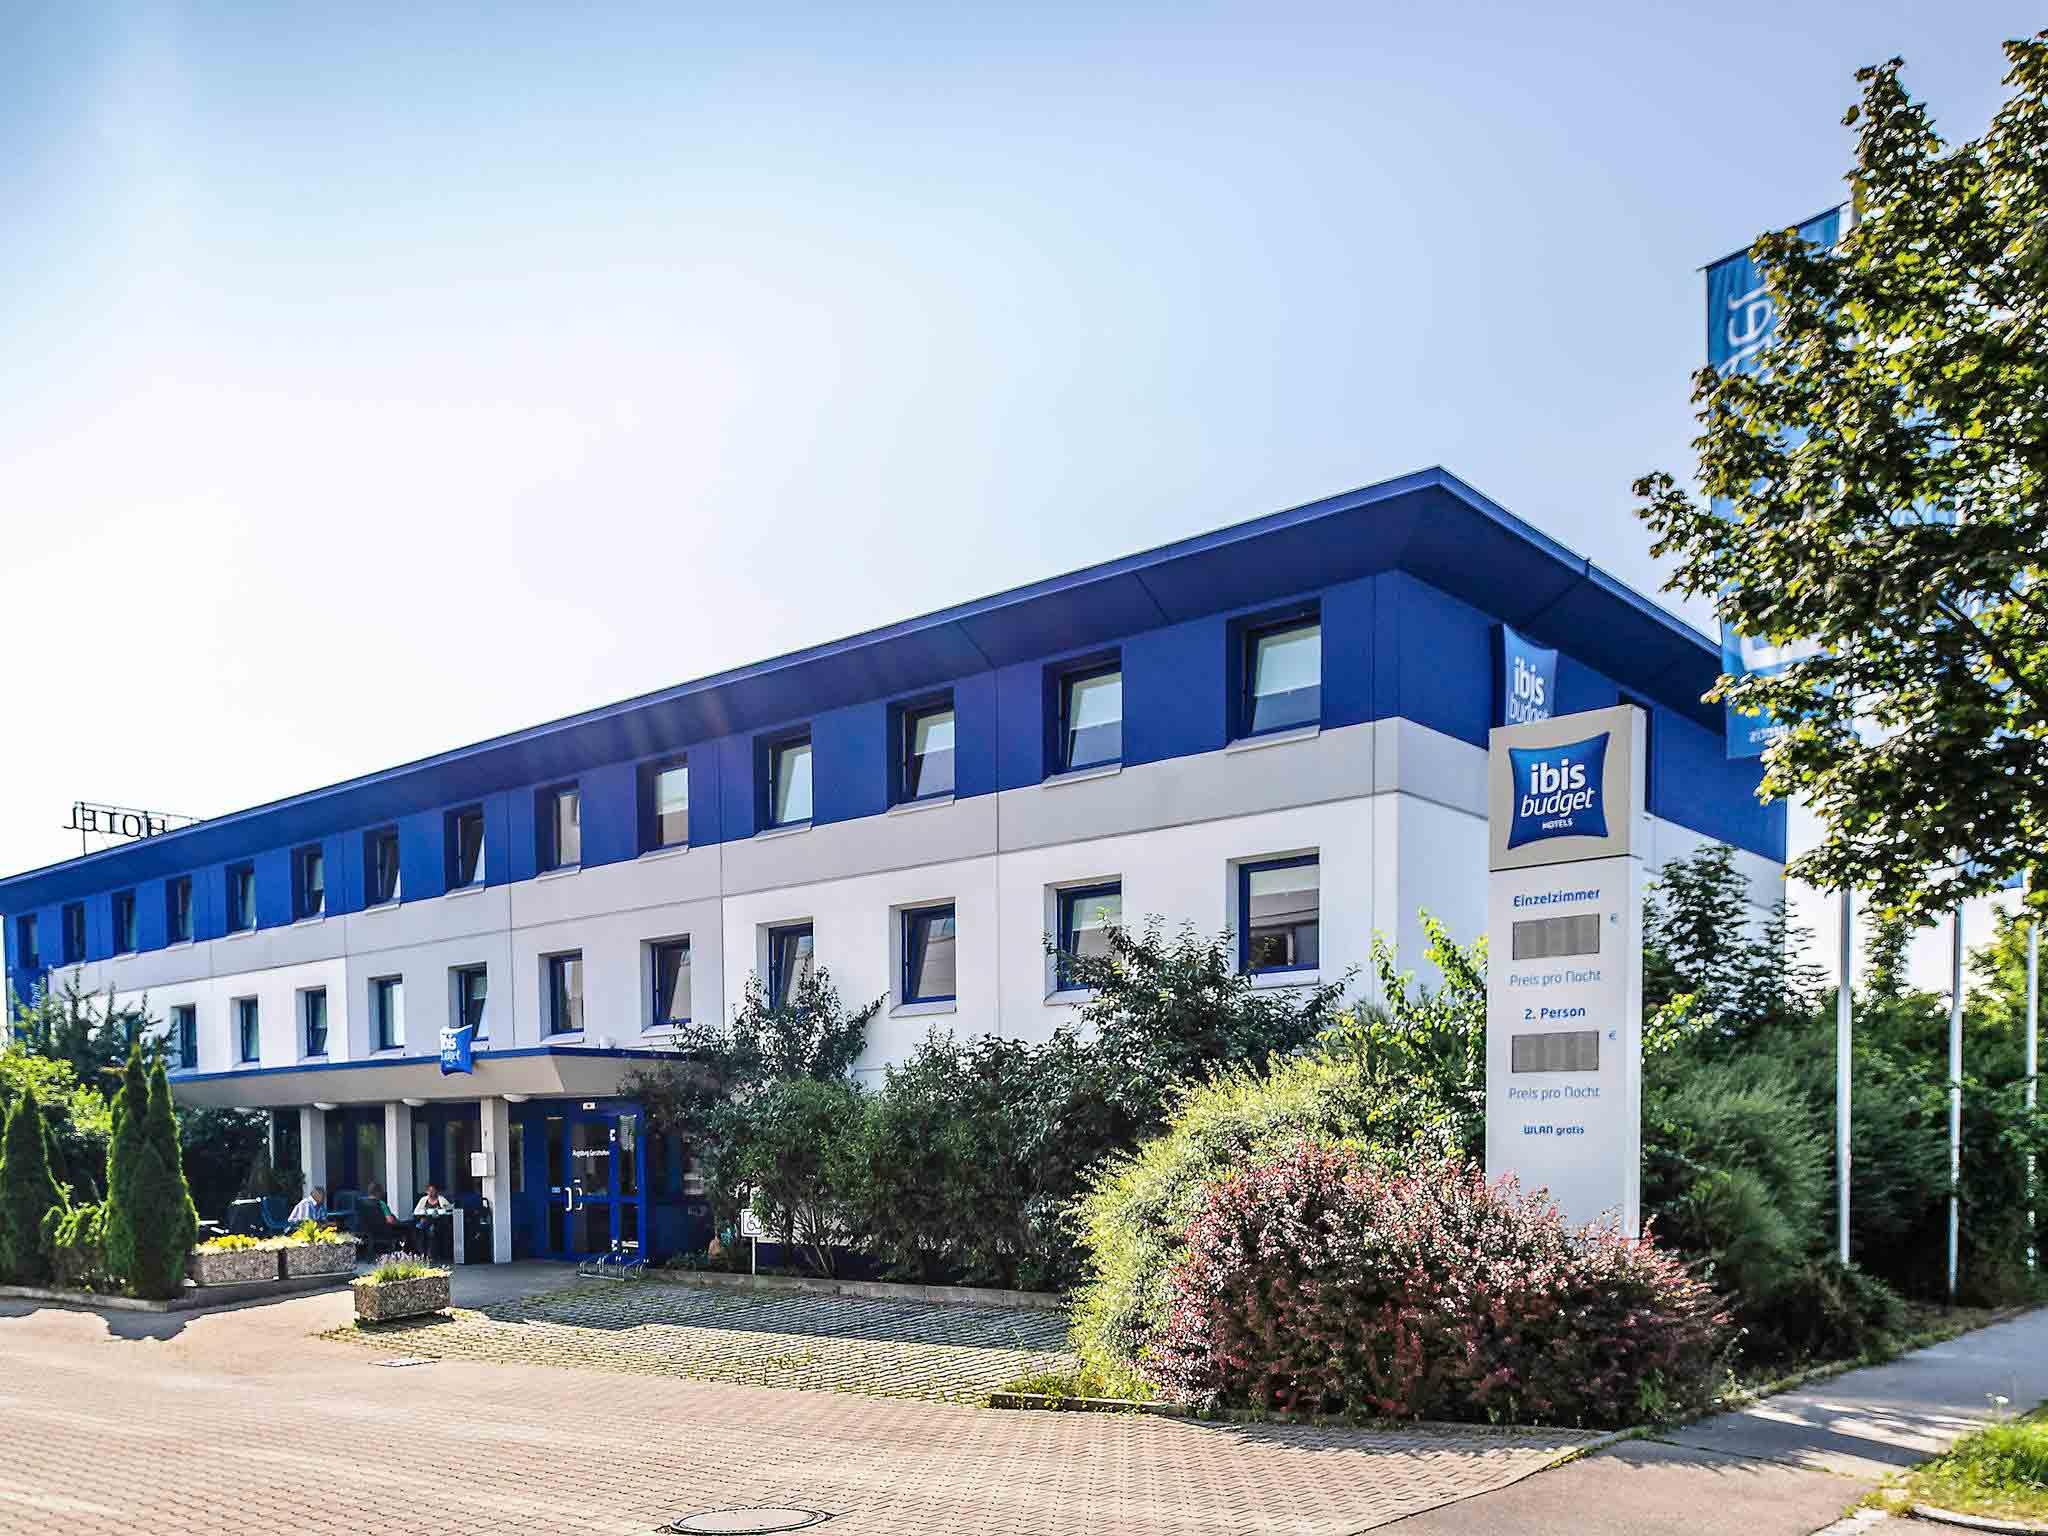 Hotel - ibis budget Augsburg Gersthofen